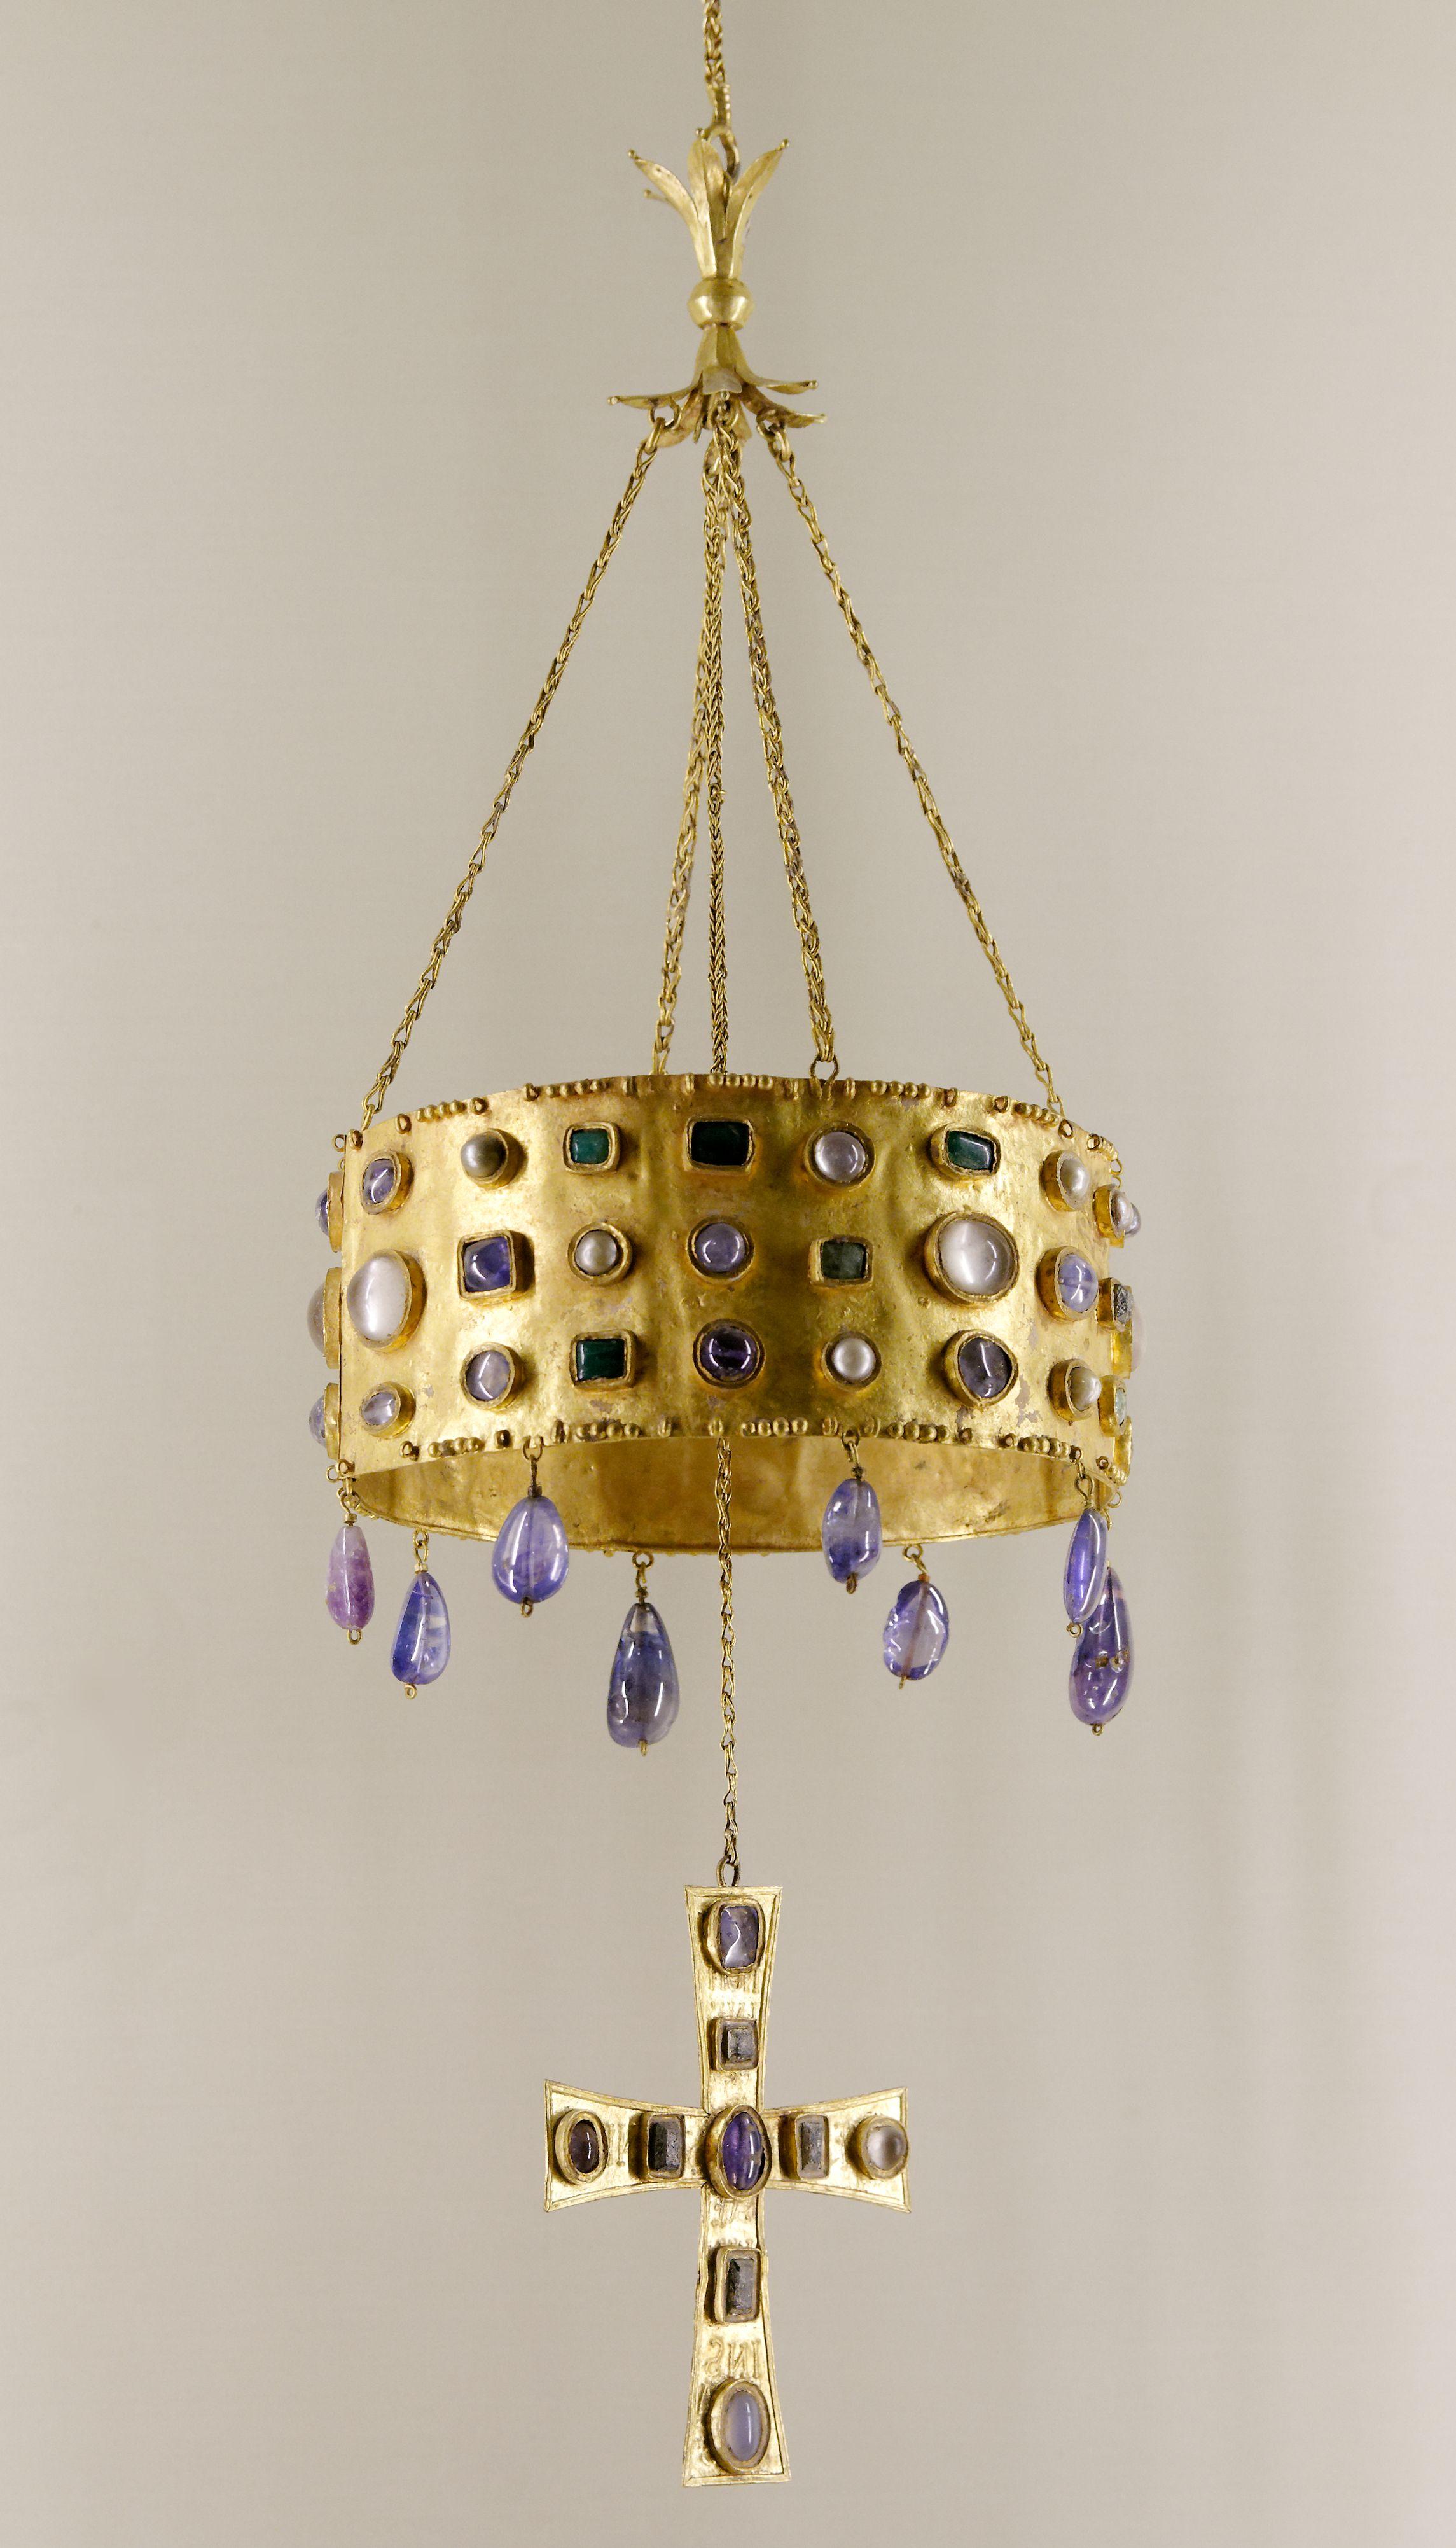 Corona votiva del tesoro de Guarrazar, s. VII, visigoda. Parece posible que todas las piezas, con la excepción de una de las cruces que es de tipo procesional, fueran realizadas en los talleres de orfebrería toledanos vinculados a la corte del monarca en torno al siglo VII d.C.